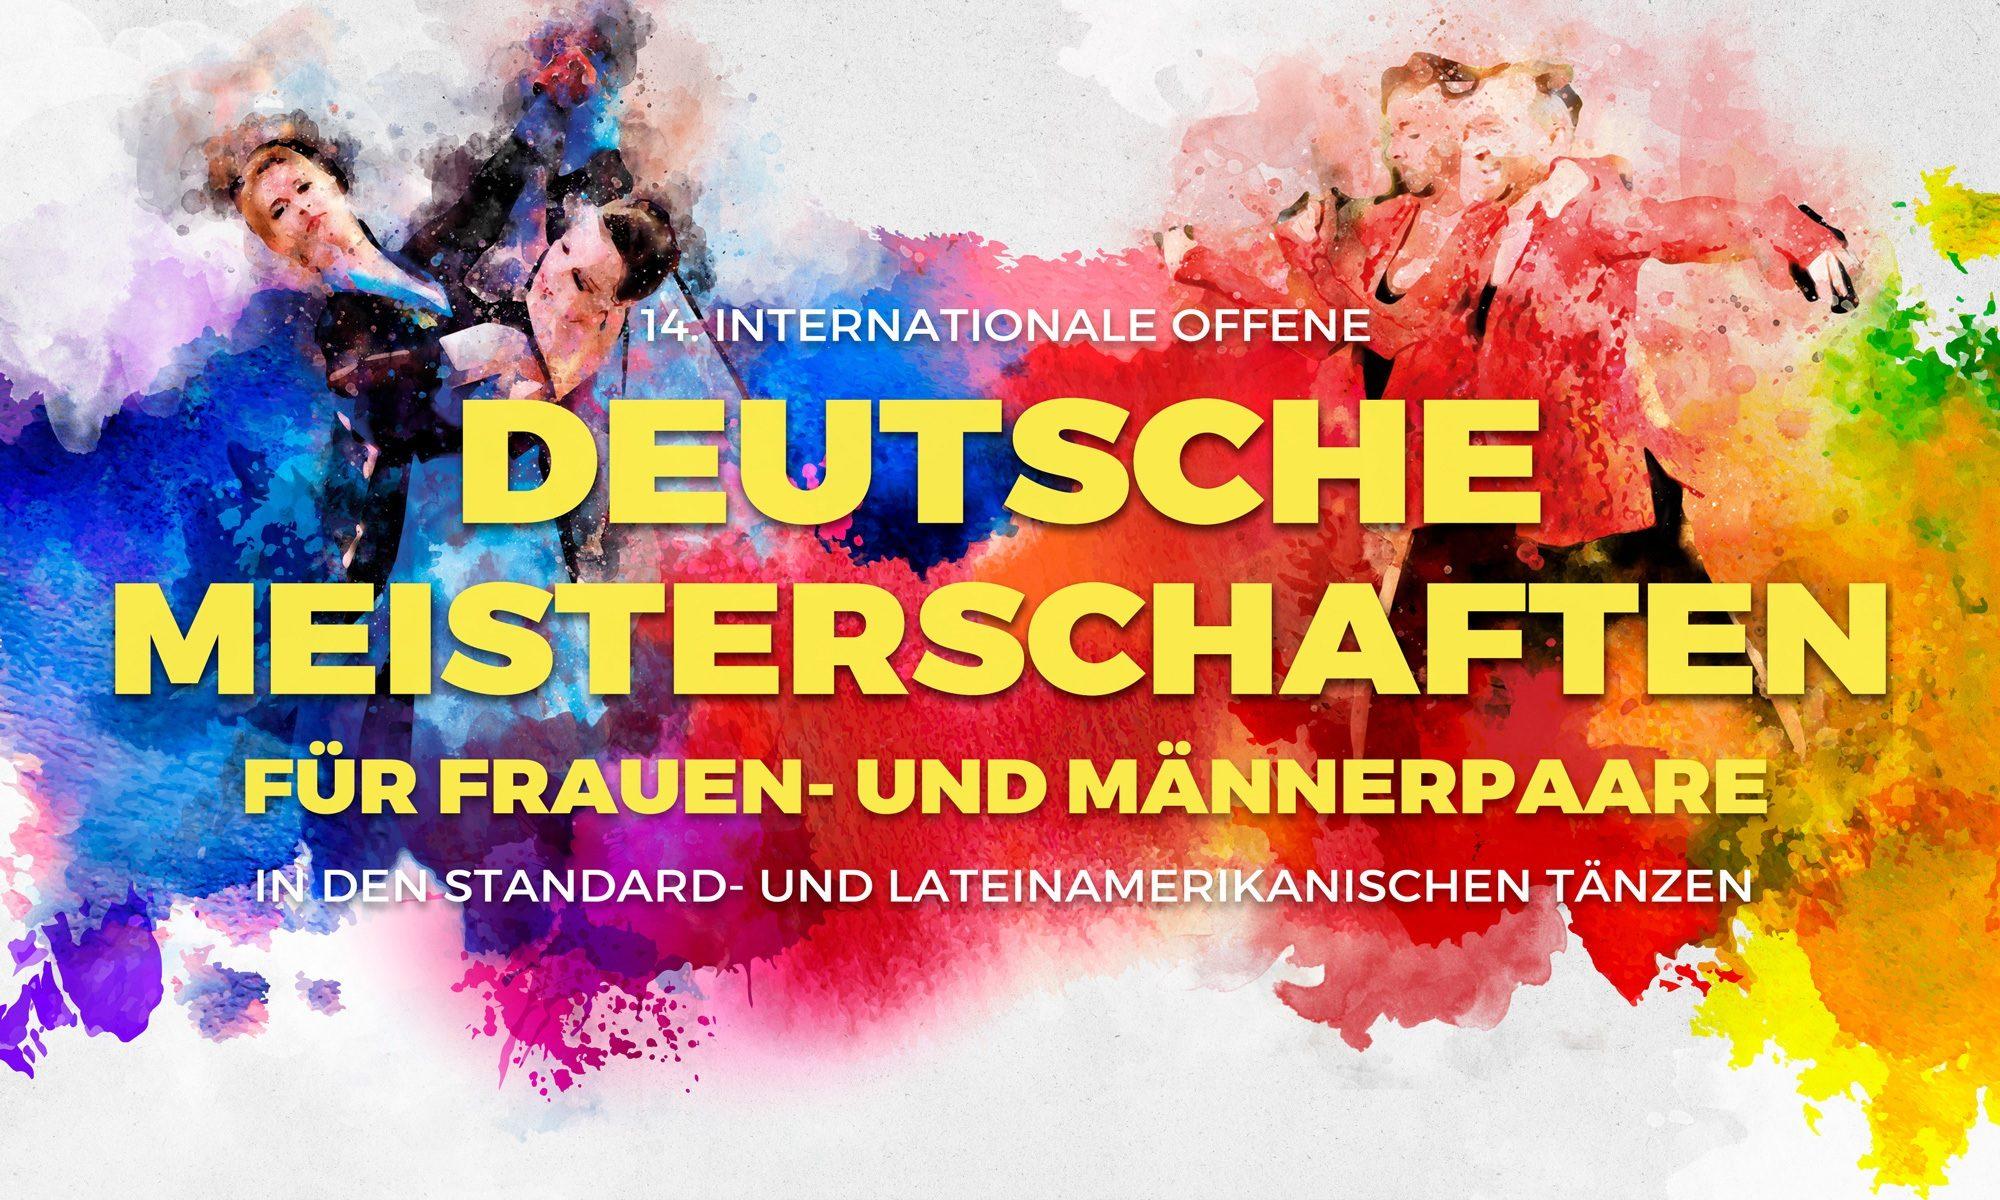 Internationale Offene Deutsche Meisterschaften für Frauen- und Männerpaare 2018 in Köln